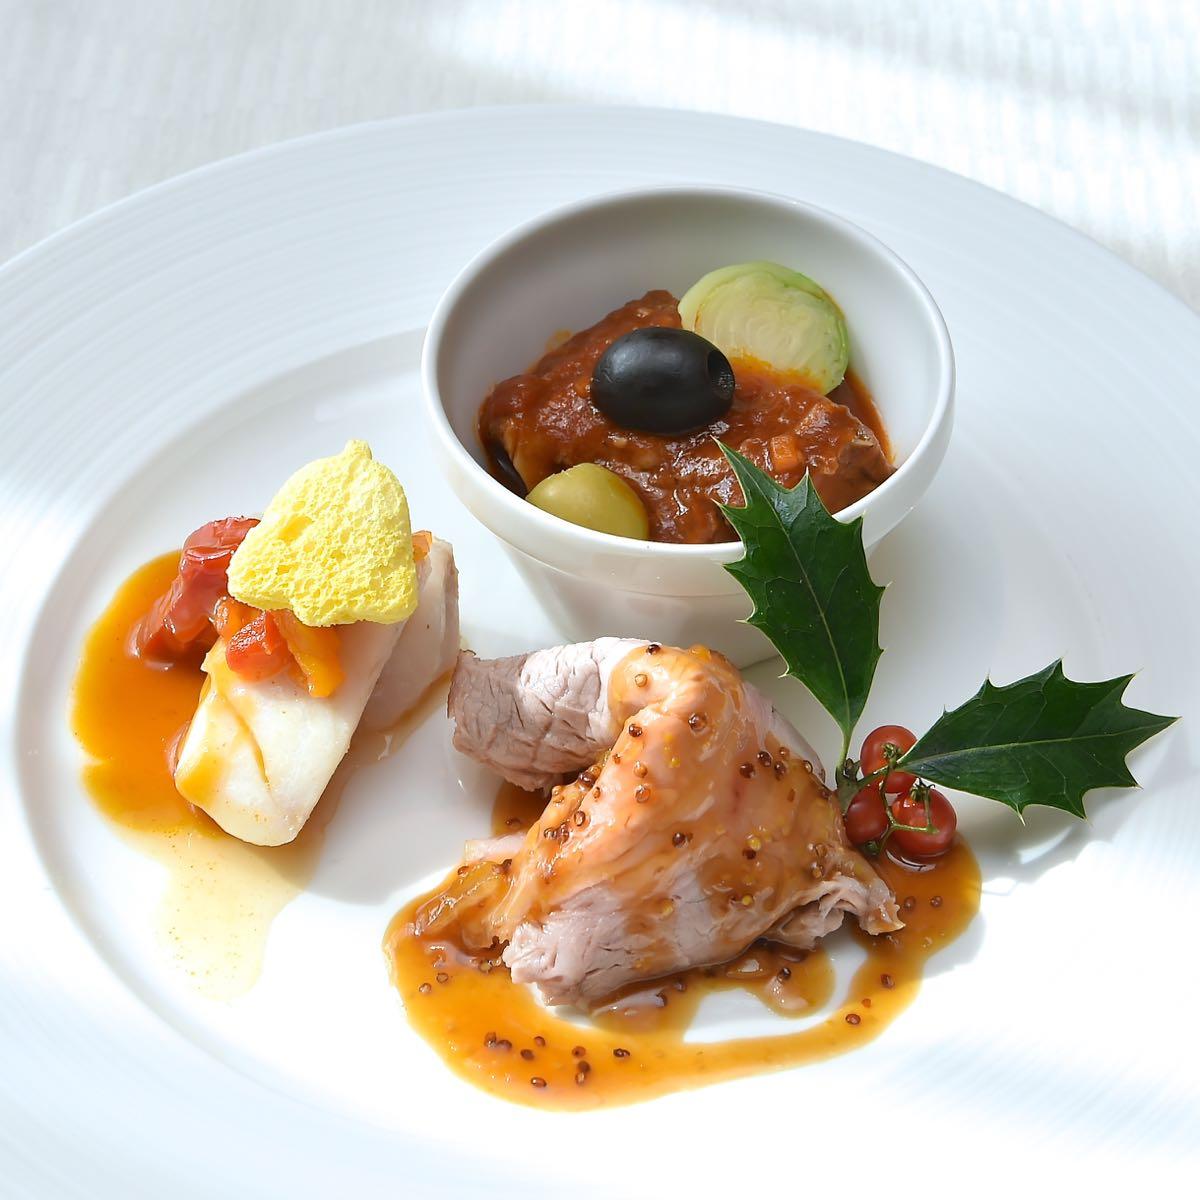 白身魚のスチーム ピペラード添え/ビーフの煮込み/ローストポーク 柚子マスタードソース